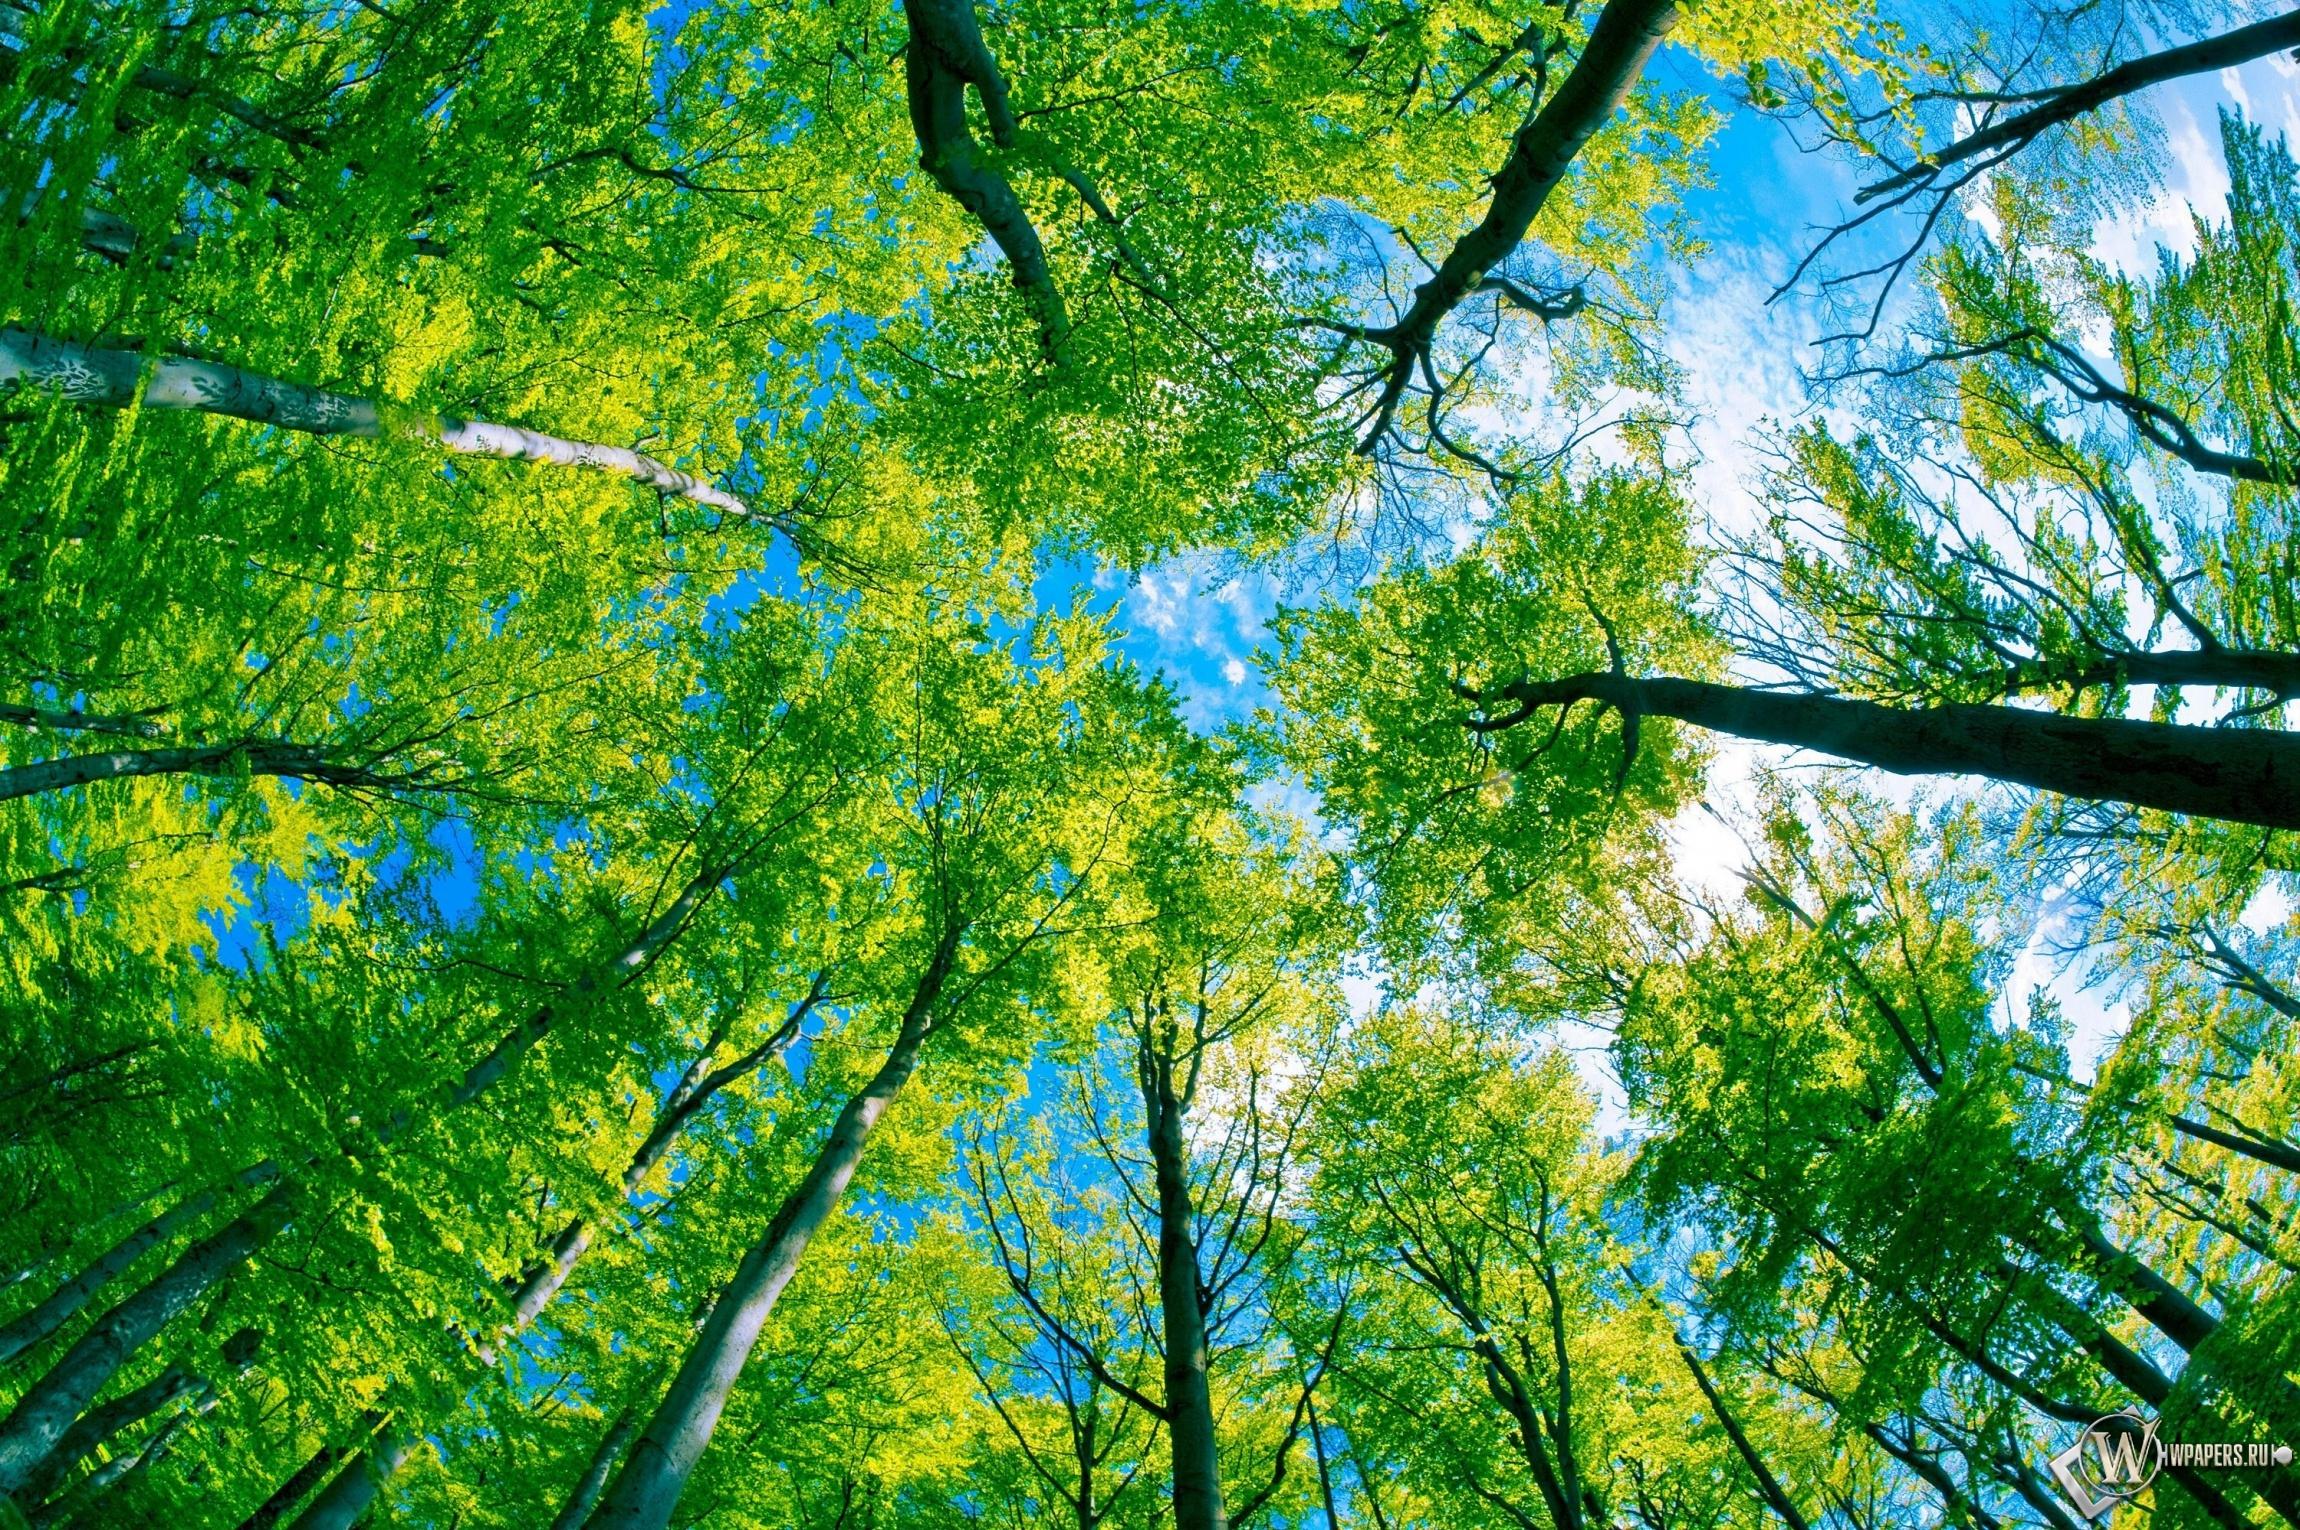 Под деревьями 2300x1530